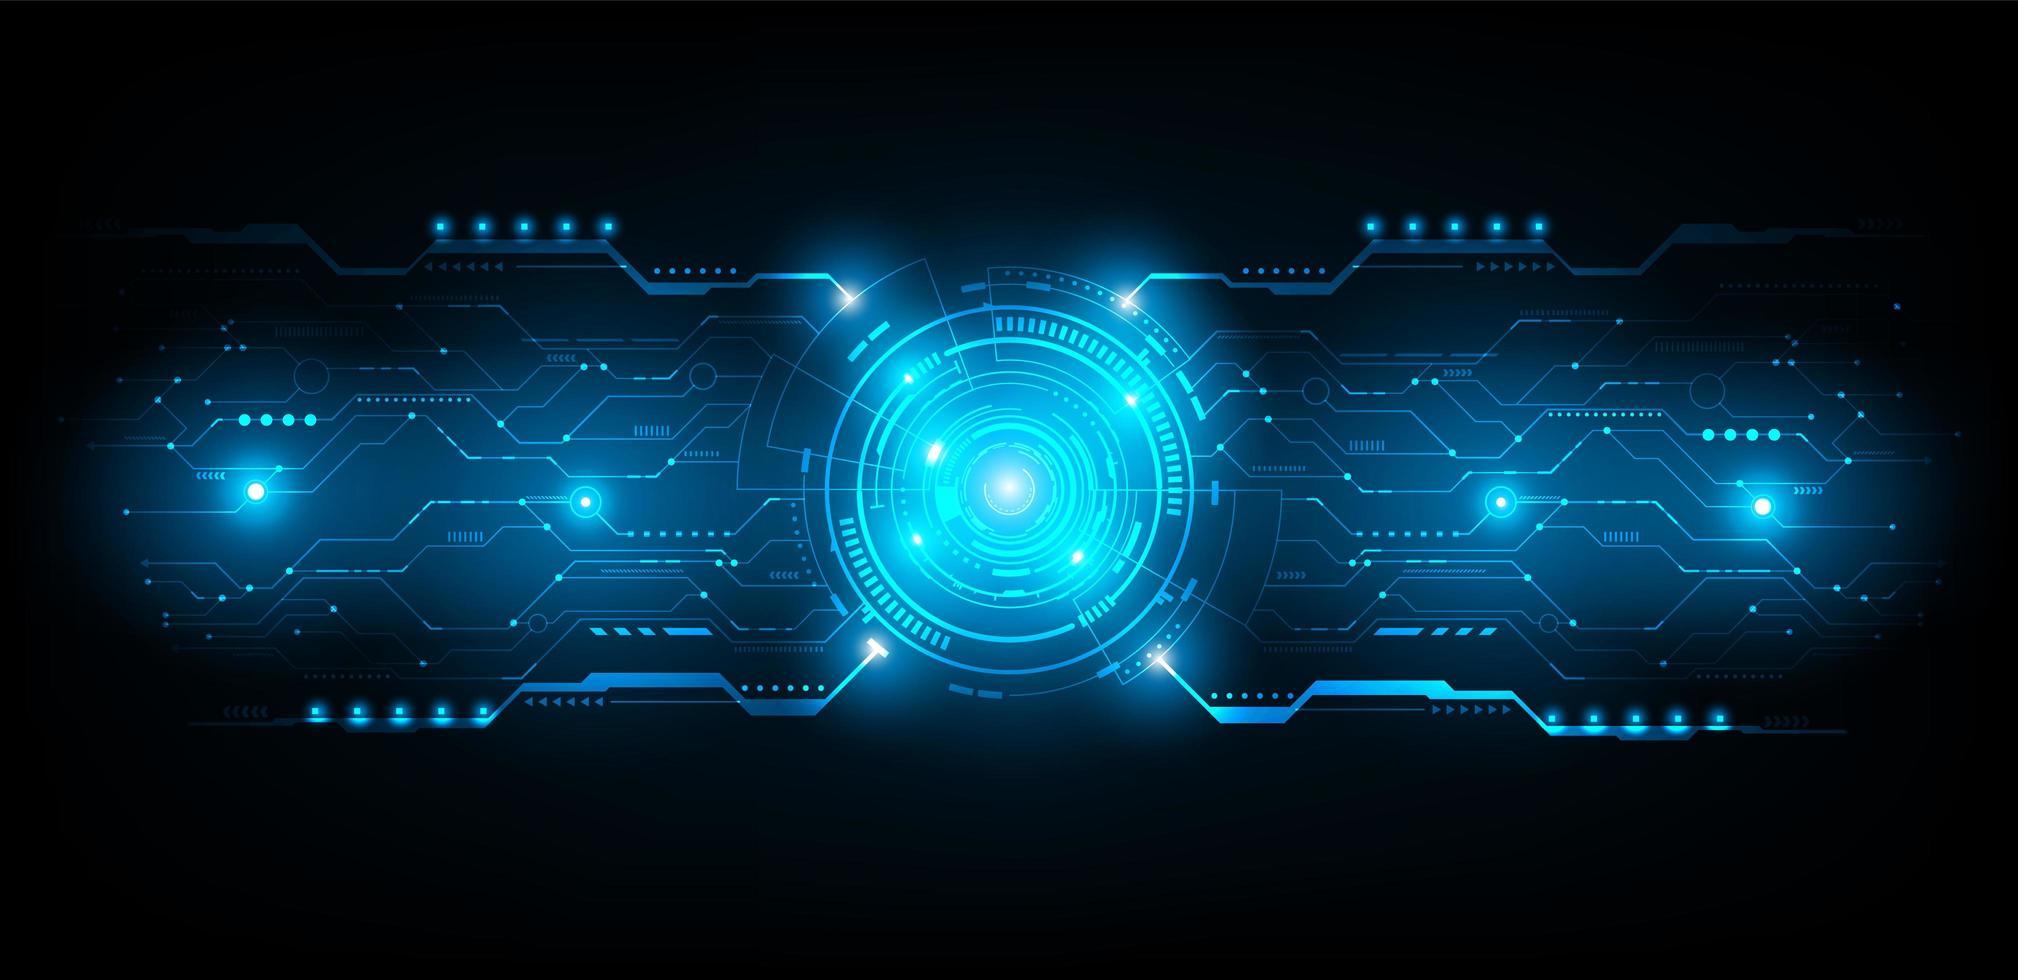 circuito futuristico astratto linea di collegamento vettoriale e illustrazione